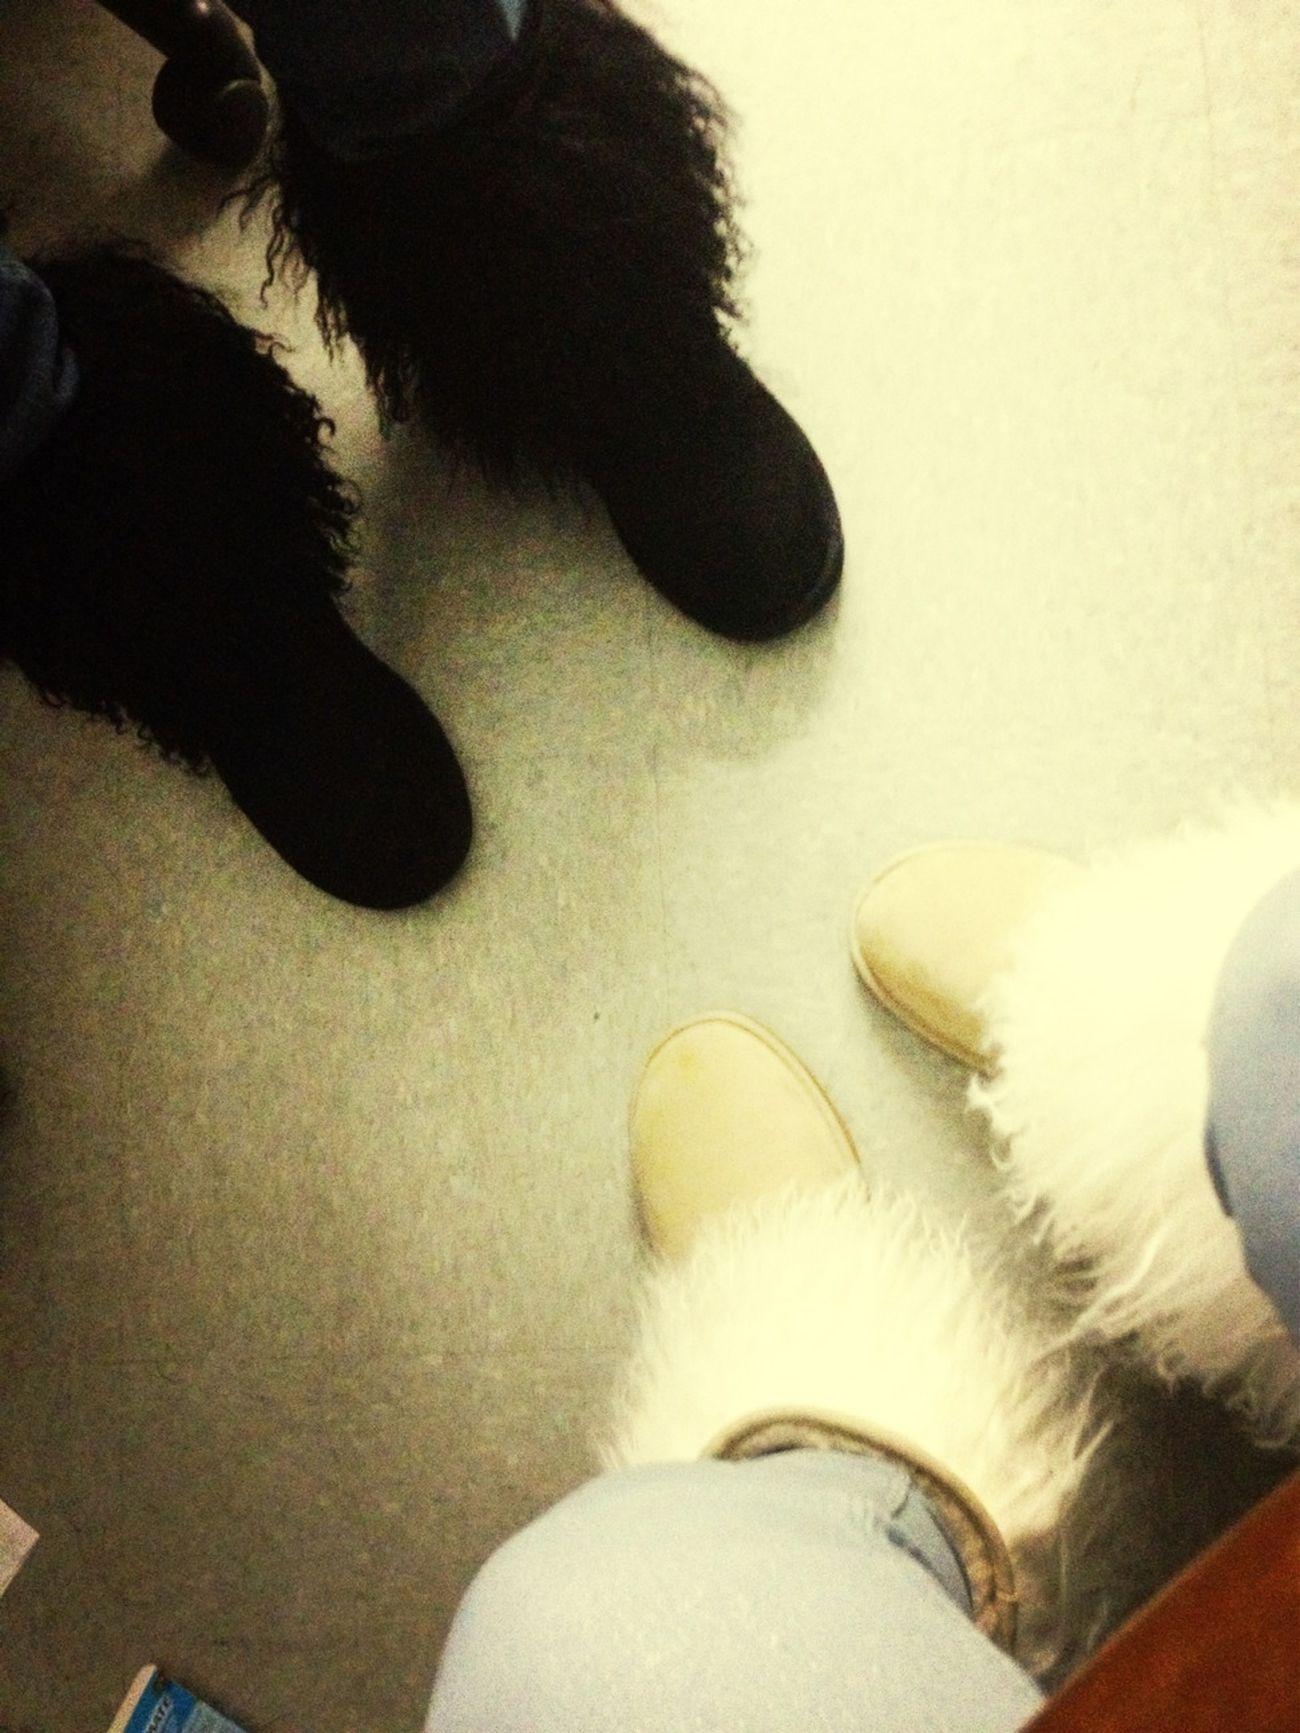 Me & Mico #kotd